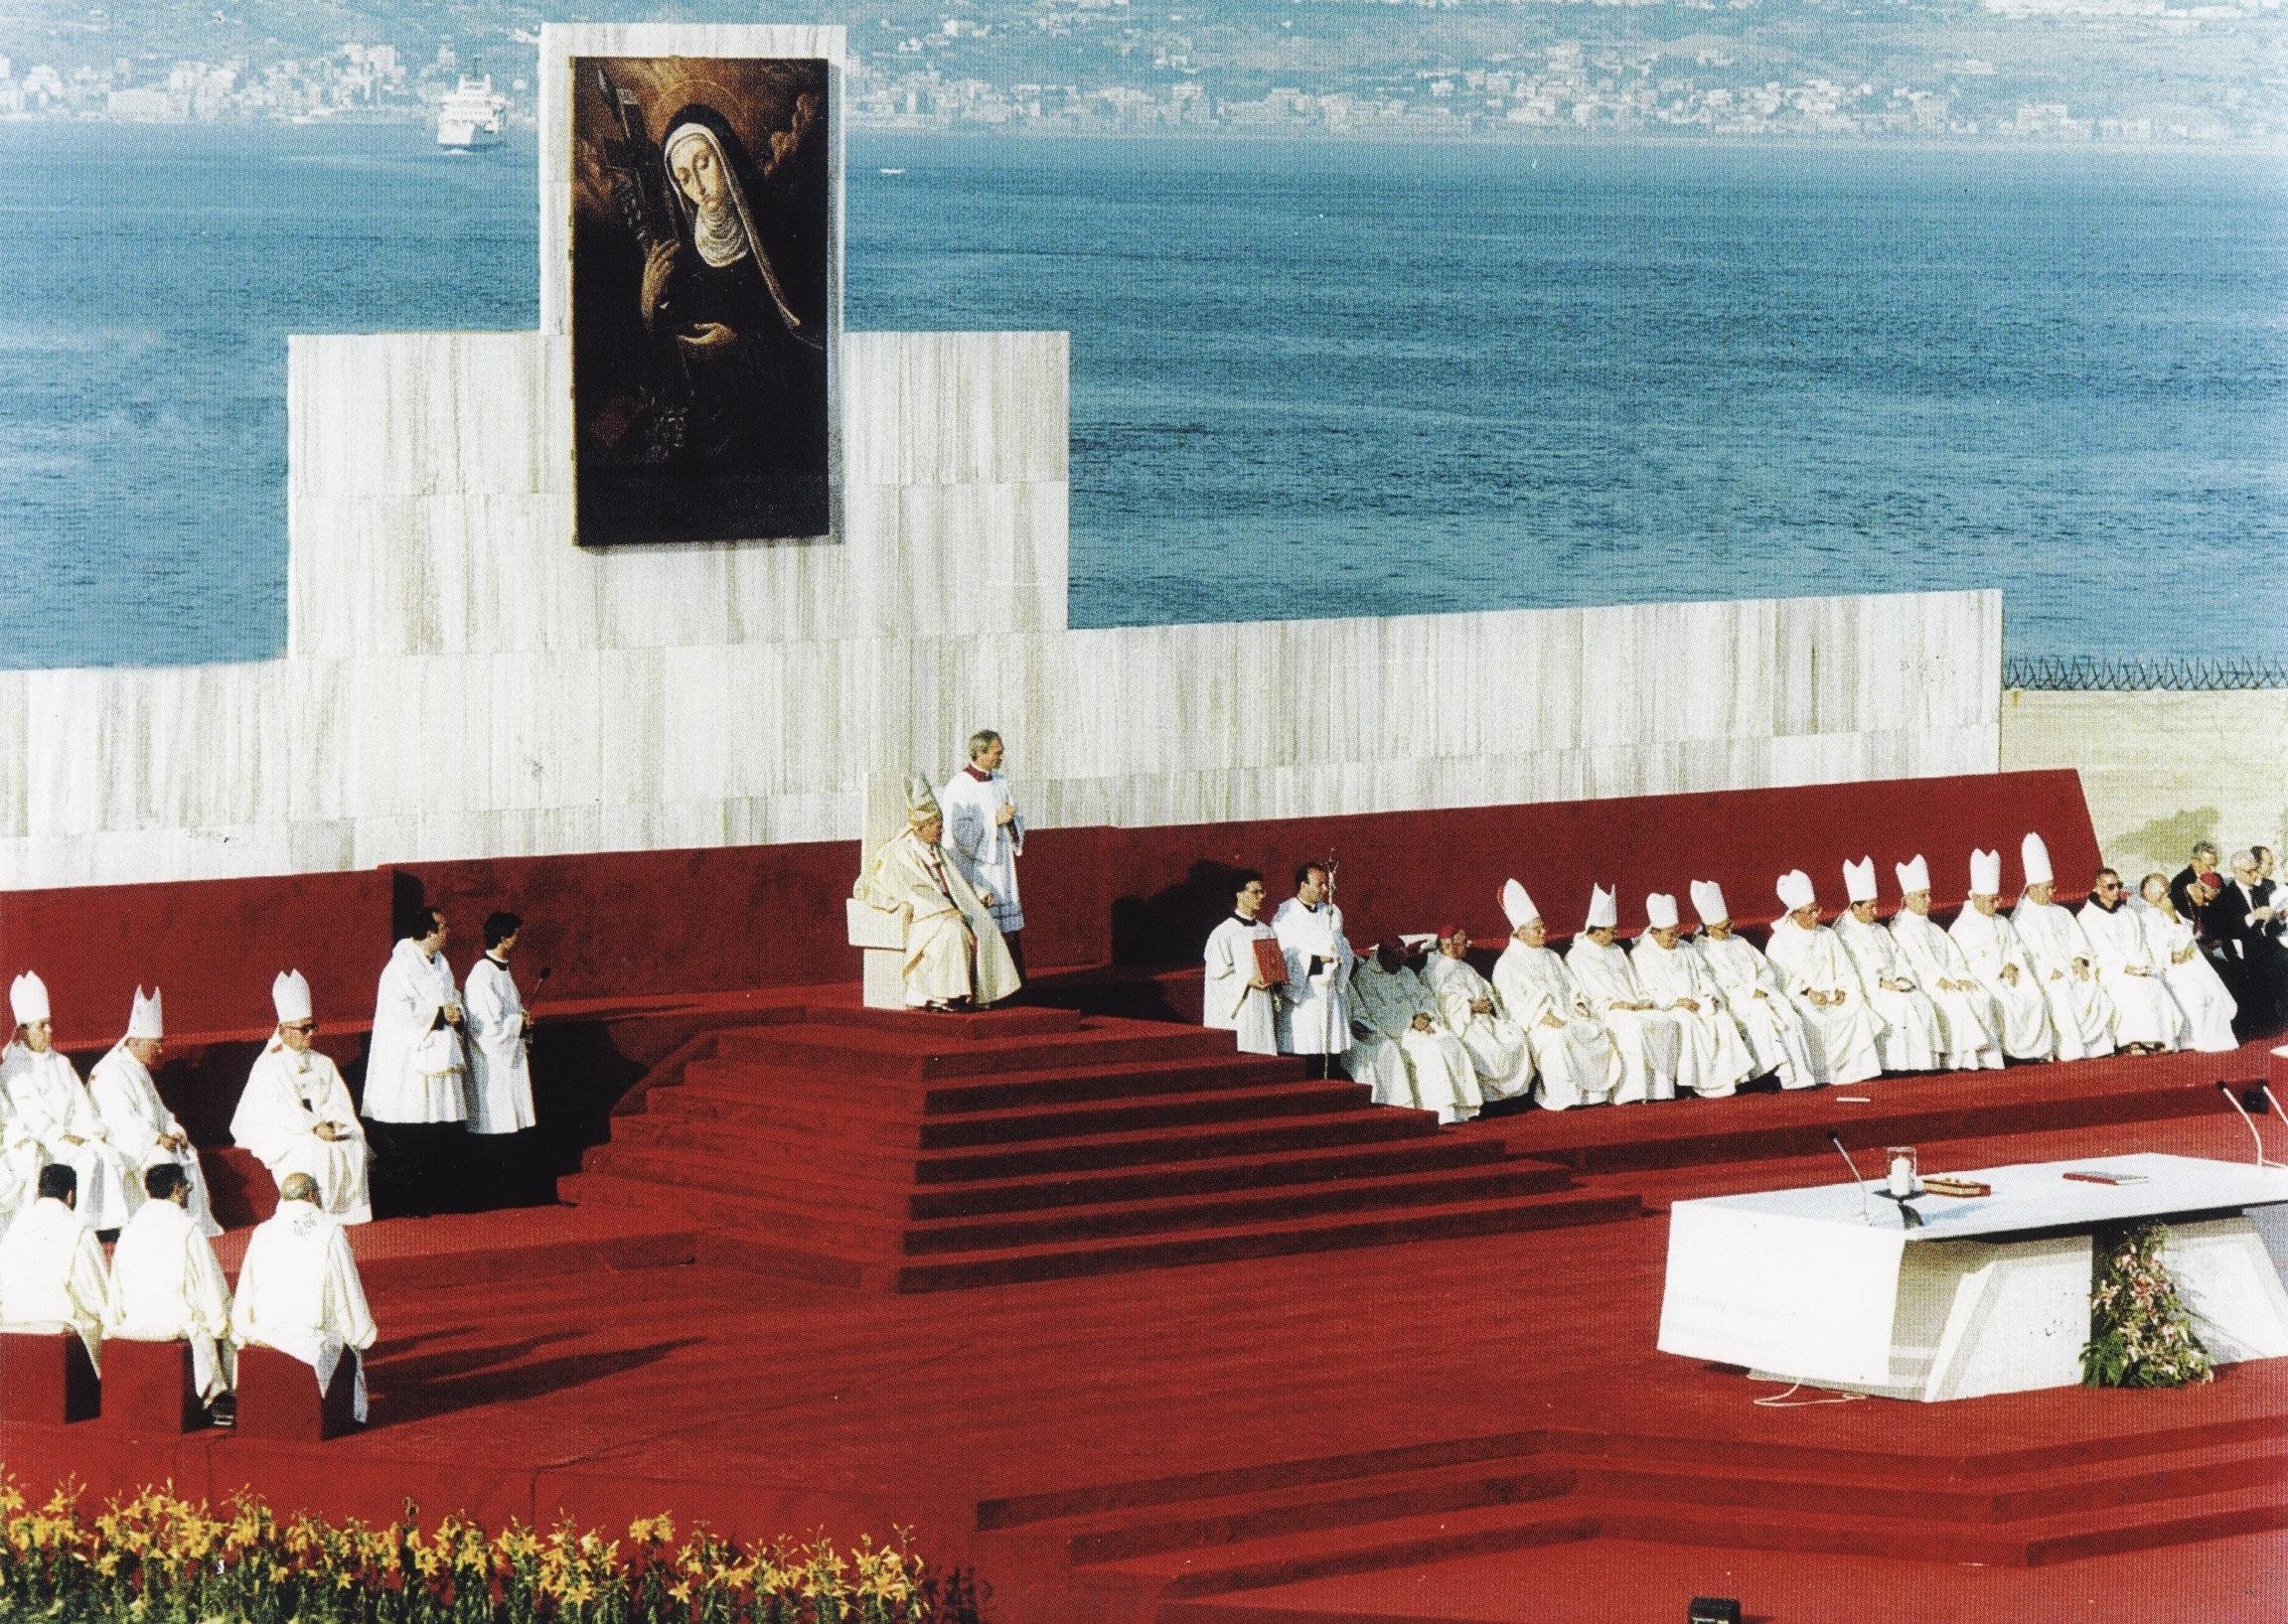 Messa canonizzazione papa Giovanni Paolo II Messina 11 giugno 1988 Eustochia Calafato Smeralda Fiera montevergine clarisse